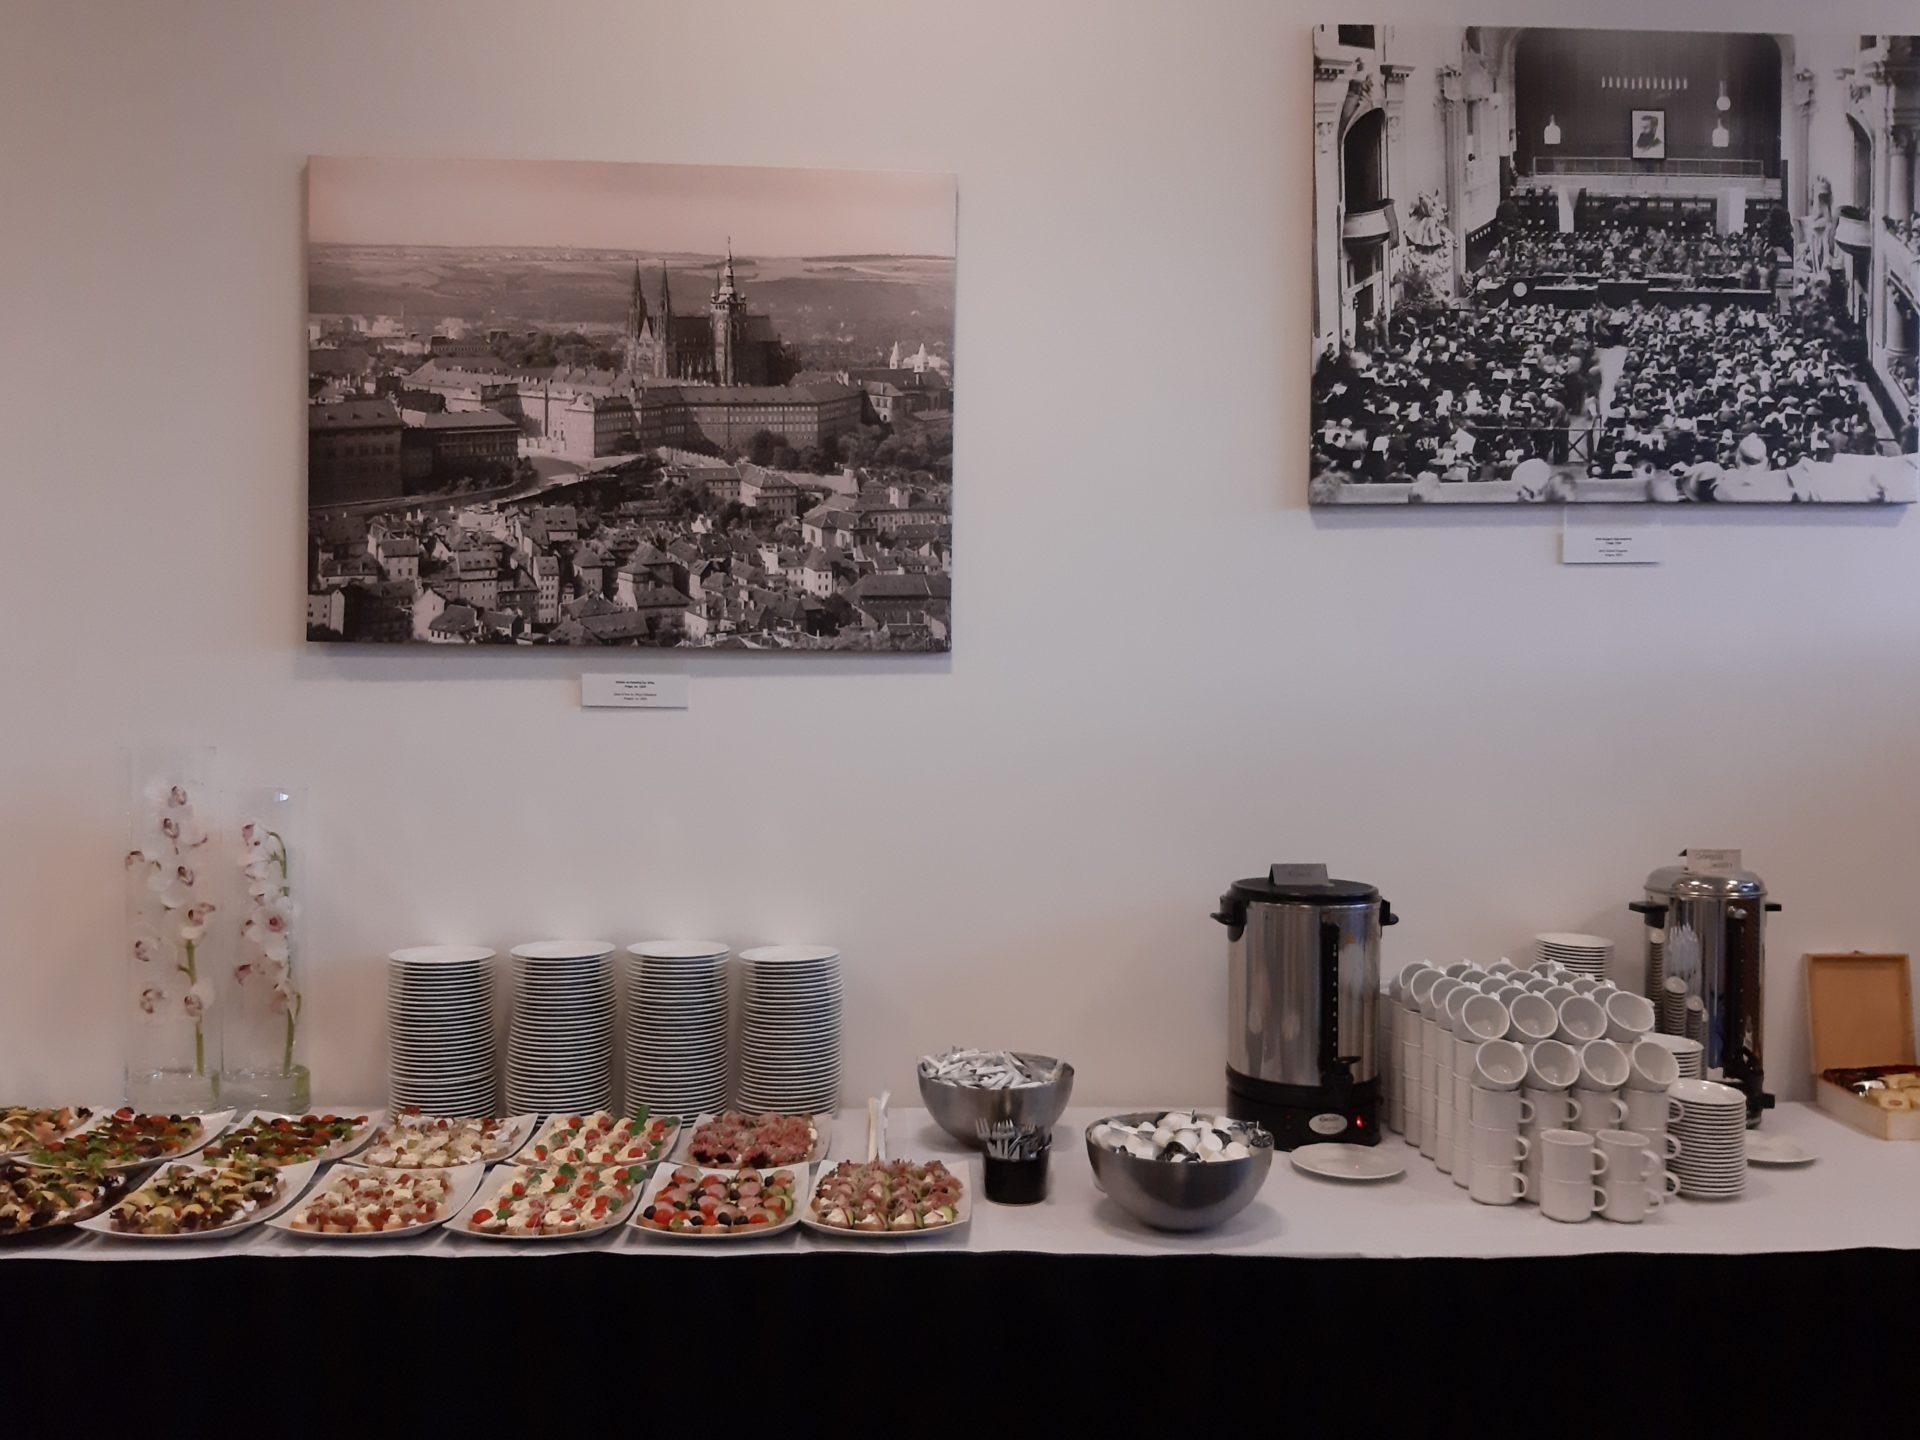 catering, kraków, serwis kawowy, kanapki, kanapeczki, przekąski, catering, ekonomia społeczna,